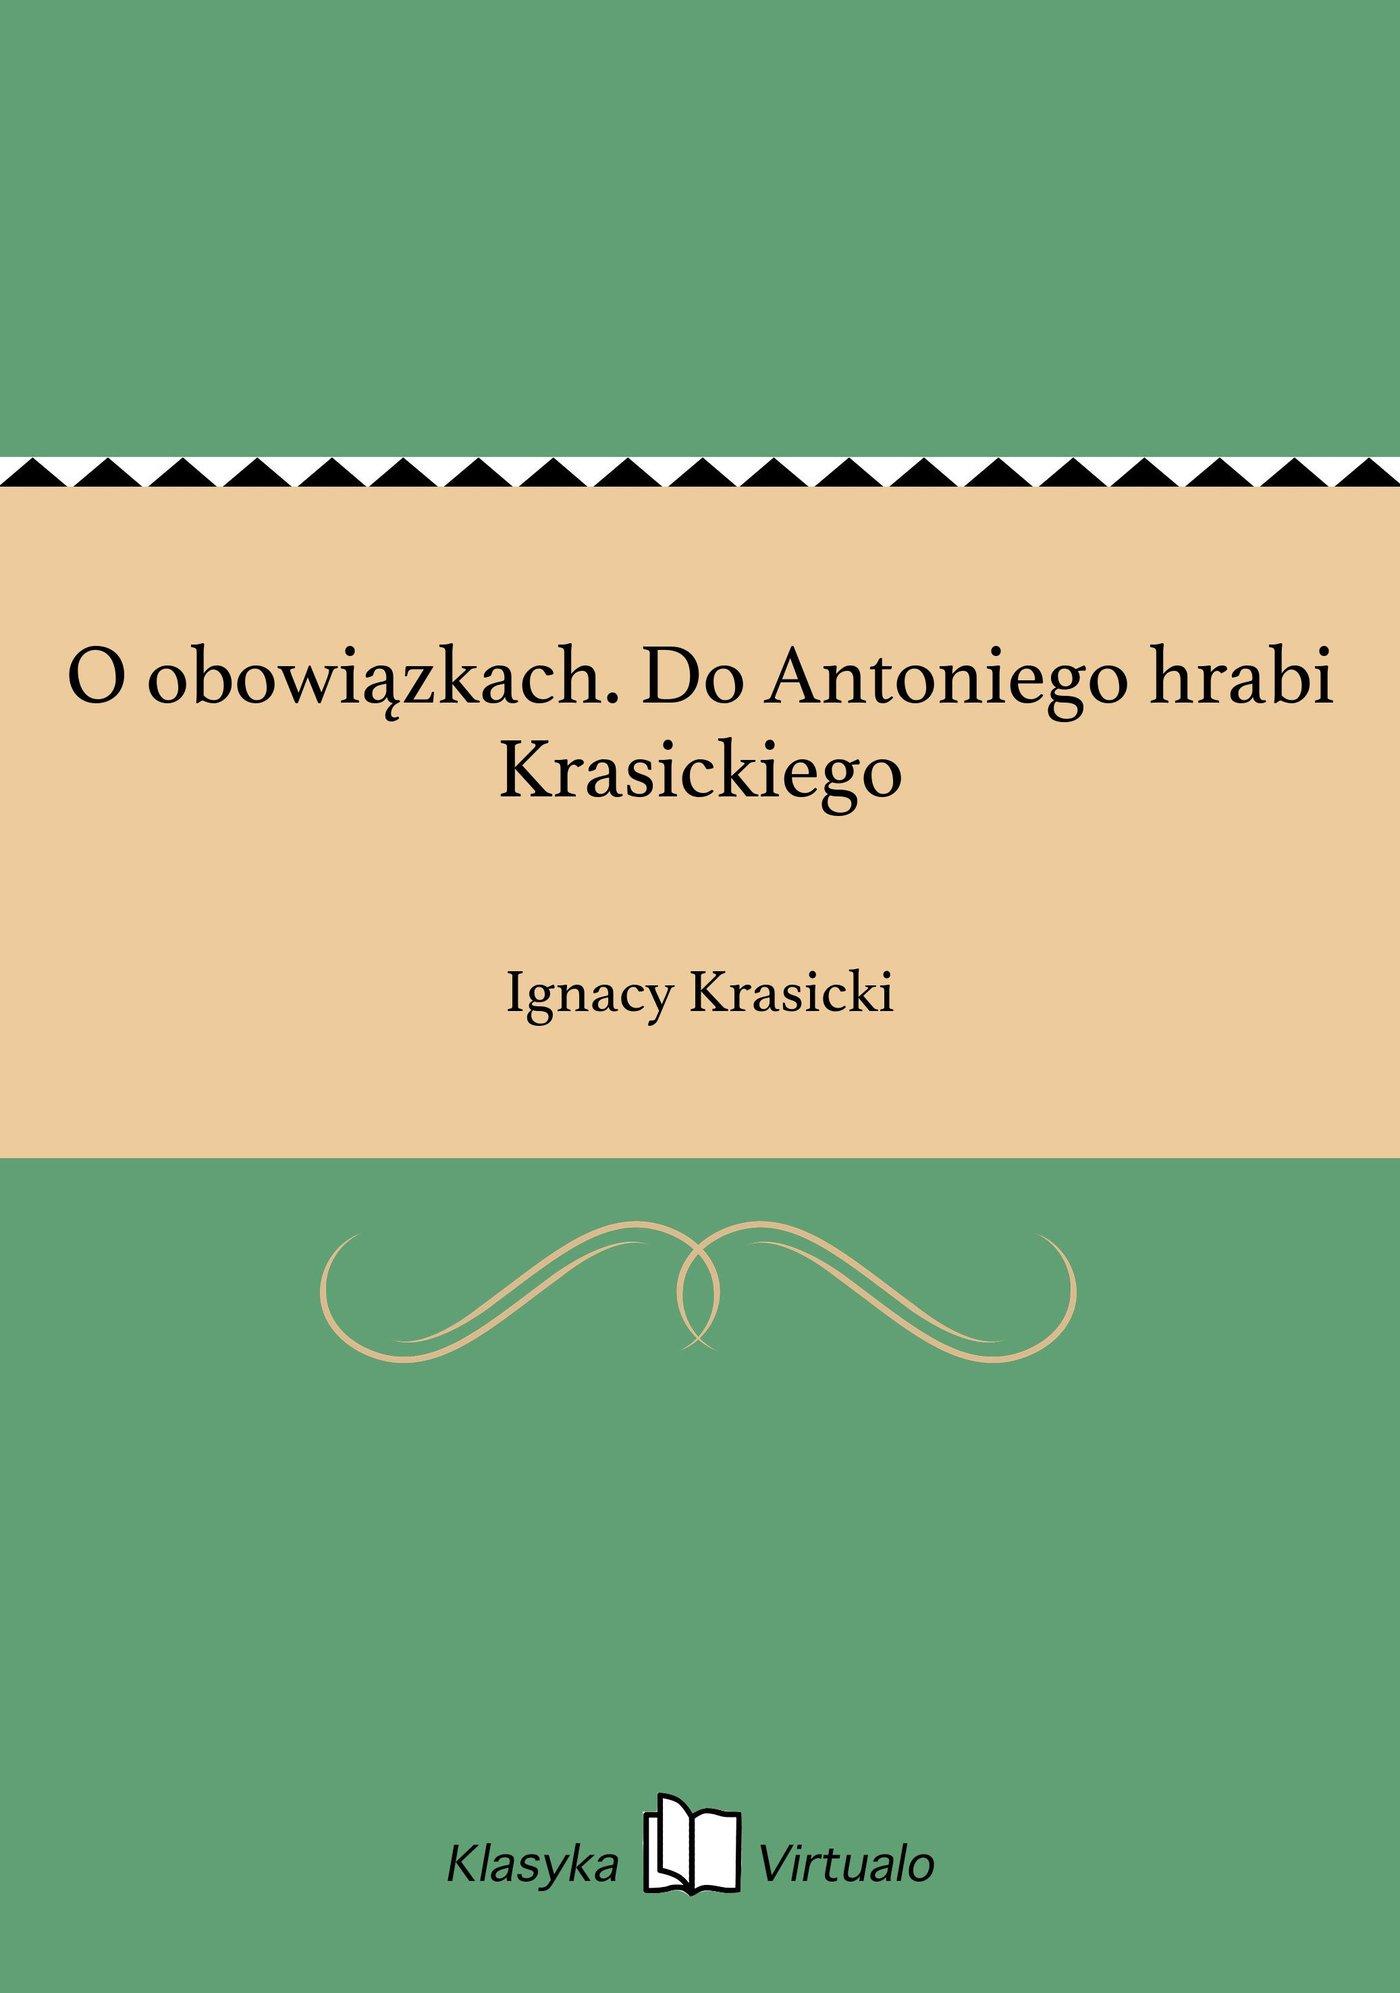 O obowiązkach. Do Antoniego hrabi Krasickiego - Ebook (Książka EPUB) do pobrania w formacie EPUB